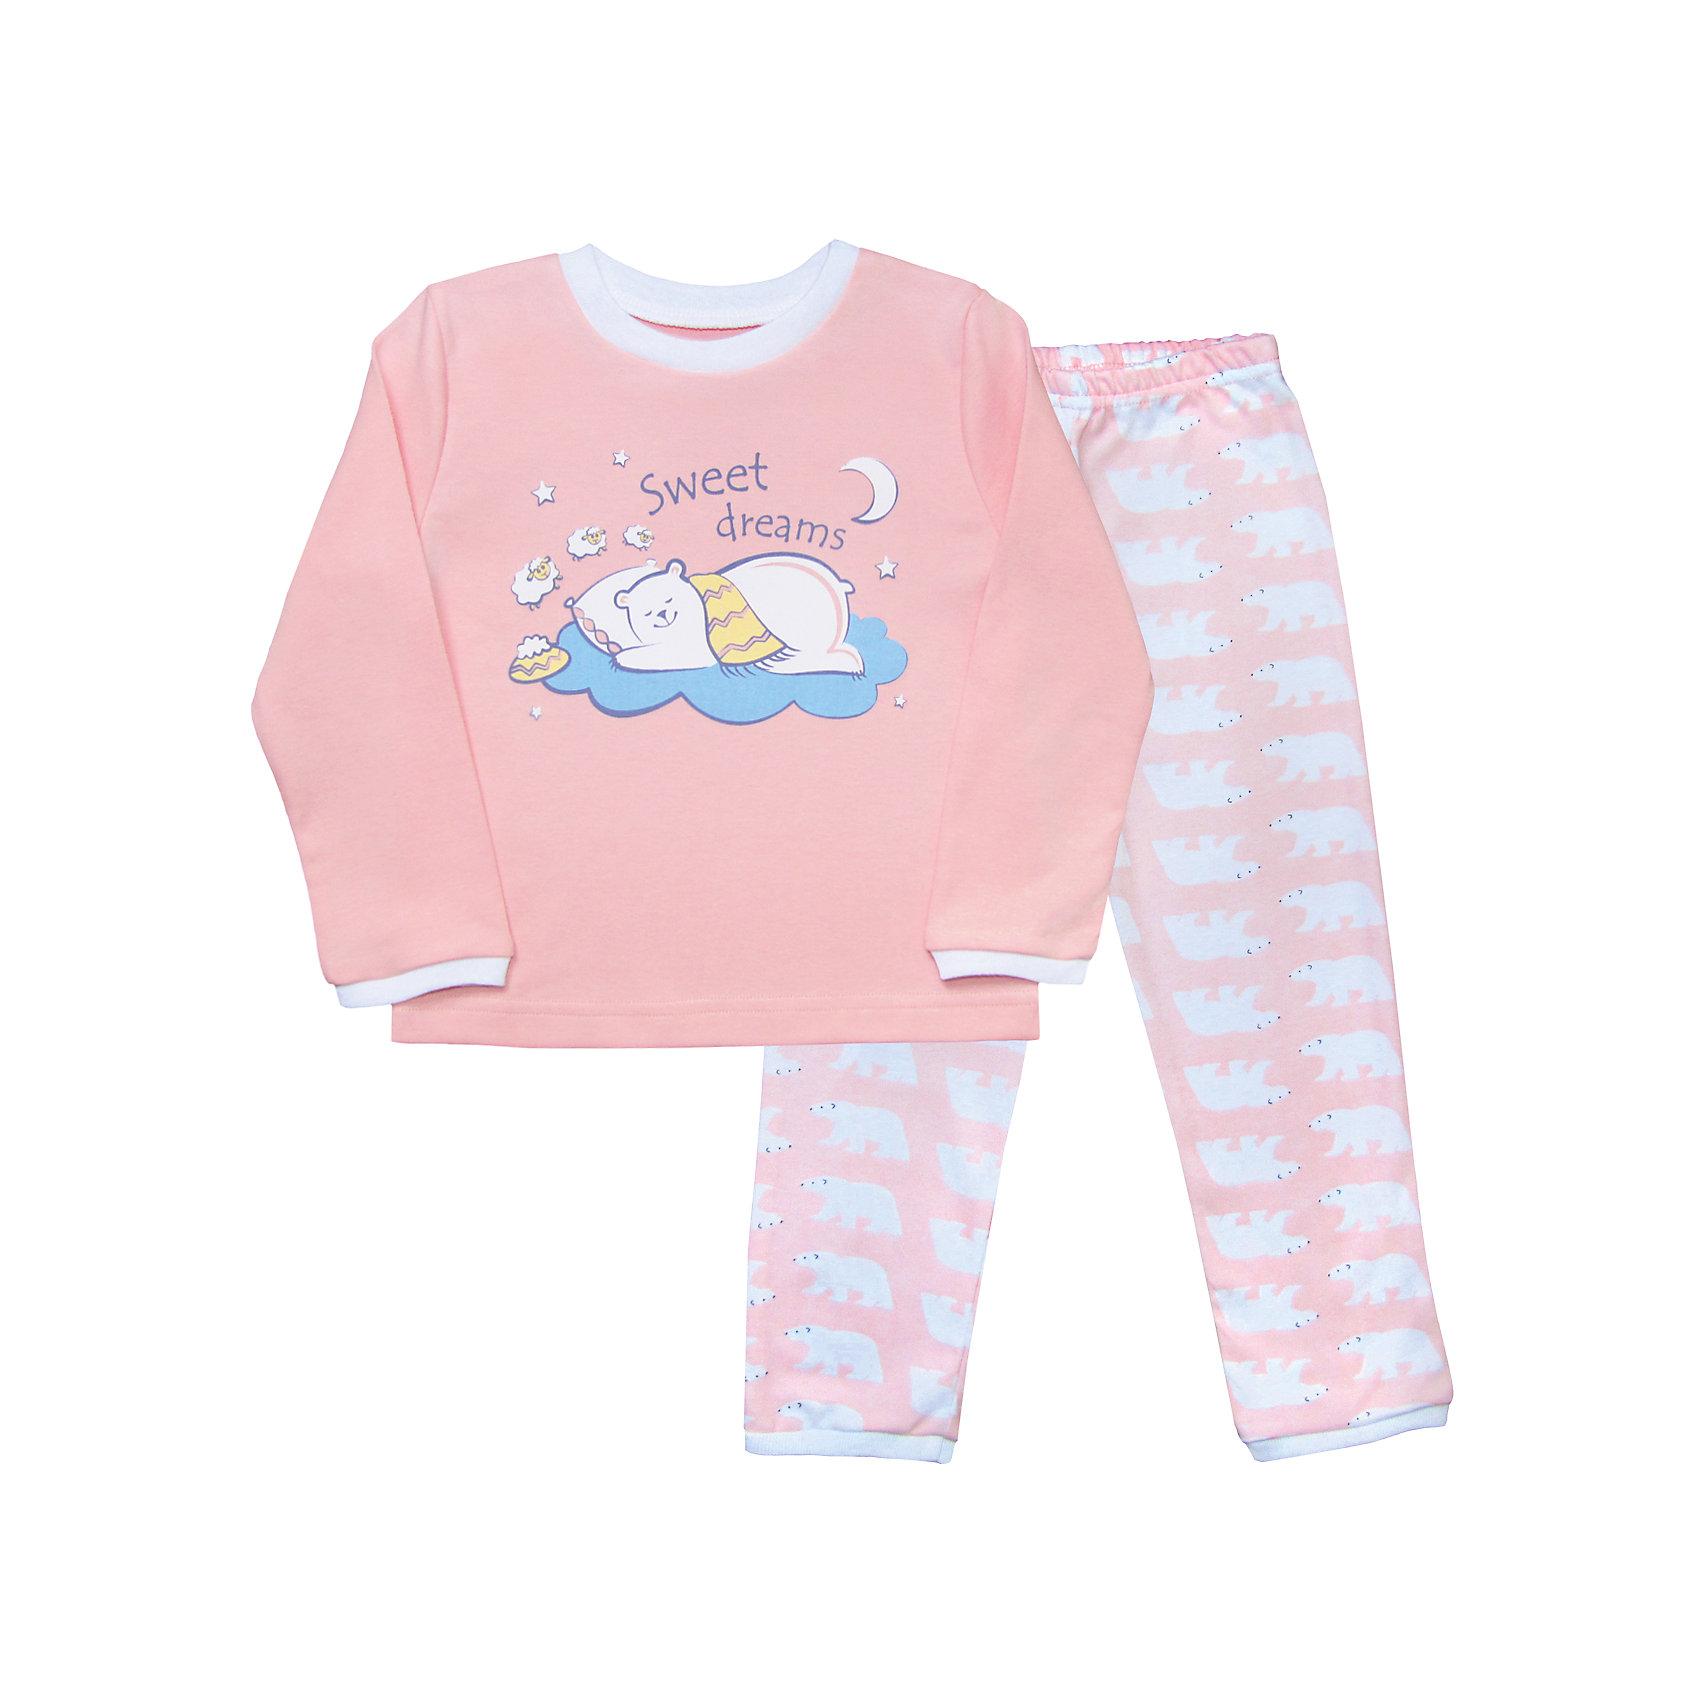 Пижама для девочки Веселый малышПижамы и сорочки<br>На удобство пижамы ребенка нужно обратить особое внимание. Домашняя одежда для малышей должна быть удобной и качественной - это один из необходимых факторов для правильного развития и хорошего самочувствия ребенка.<br>Эта пижама отличается высоким качеством швов, продуманным кроем, что позволяет ей хорошо фиксироваться на теле малыша, не сползать и не натирать. Материал - интерлок. Это плотная ткань из натурального хлопка, гладкая, приятная на ощупь, дышащая и гипоаллергенная. Комплект состоит из штанишек и футболки с длинным рукавом.<br><br>Дополнительная информация:<br><br>материал: 100% хлопок интерлок;<br>украшена принтом;<br>комплектация: штаны, футболка с длинным рукавом.<br><br>Пижаму от бренда Веселый малыш можно купить в нашем магазине.<br><br>Ширина мм: 281<br>Глубина мм: 70<br>Высота мм: 188<br>Вес г: 295<br>Цвет: розовый<br>Возраст от месяцев: 60<br>Возраст до месяцев: 72<br>Пол: Женский<br>Возраст: Детский<br>Размер: 116,104,98,92,86,110<br>SKU: 4810379